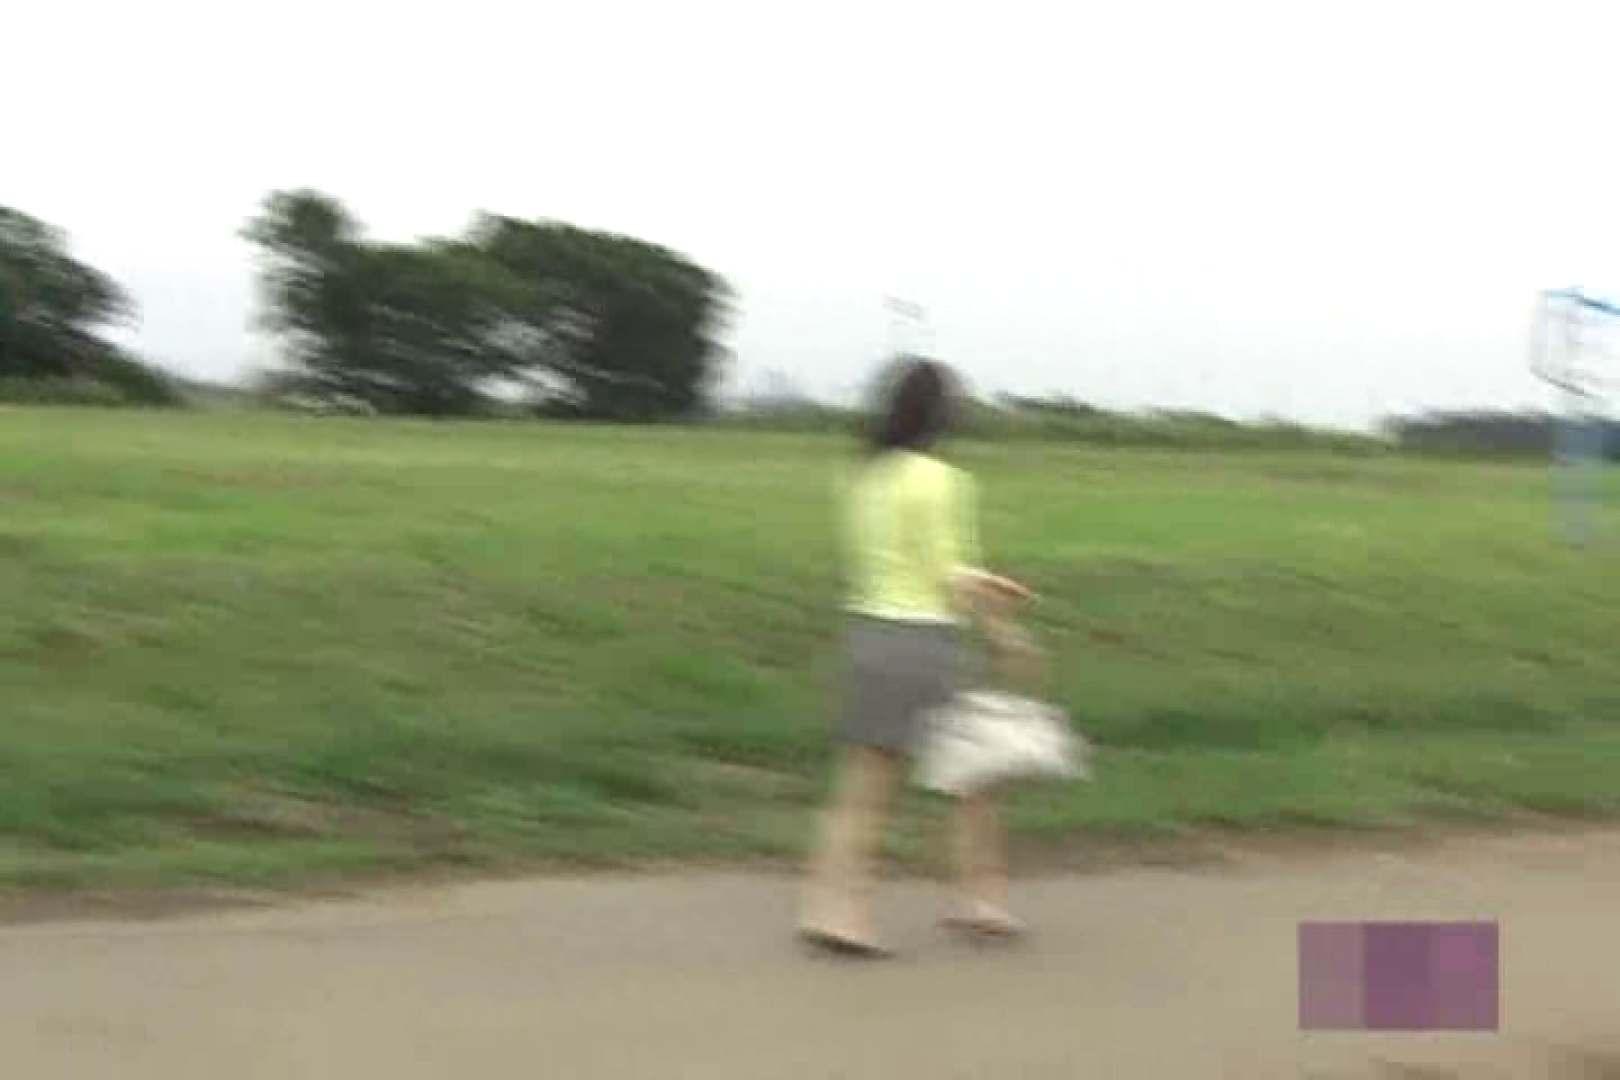 検証!隠し撮りスカートめくり!!Vol.1 美女OL  87連発 68